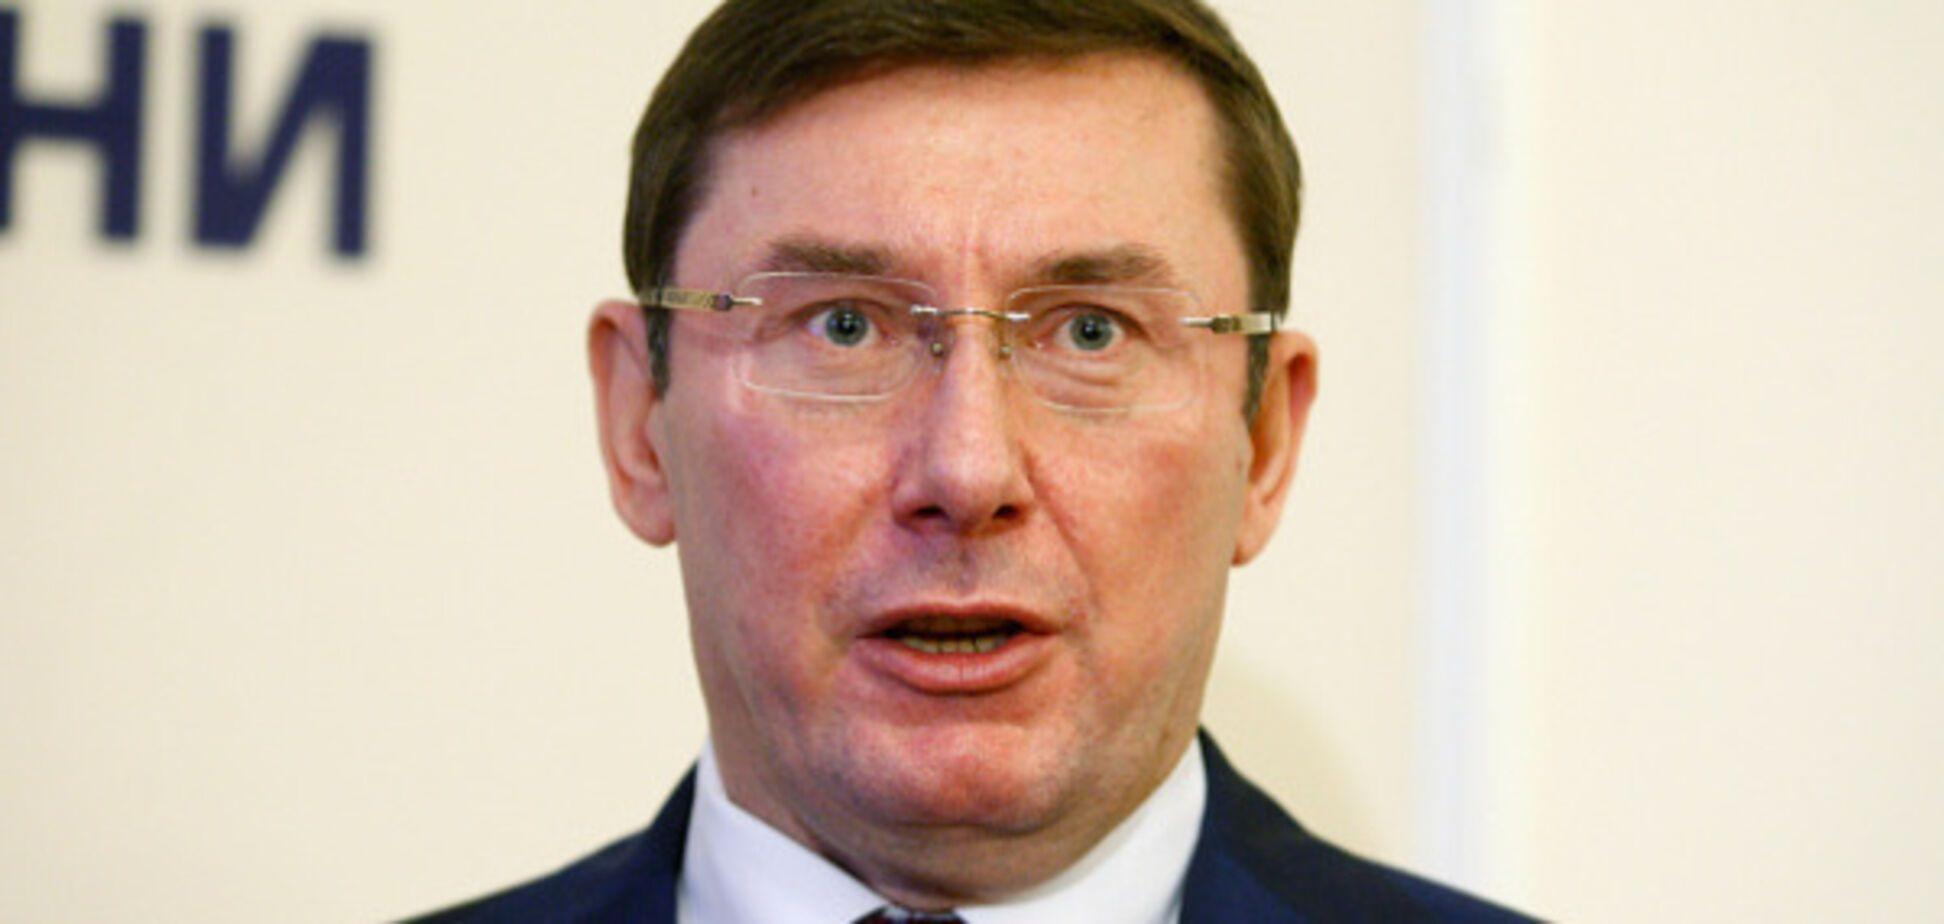 Поймали и арестовали: Луценко сообщил о задержании в Грузии экс-замминистра времен Януковича